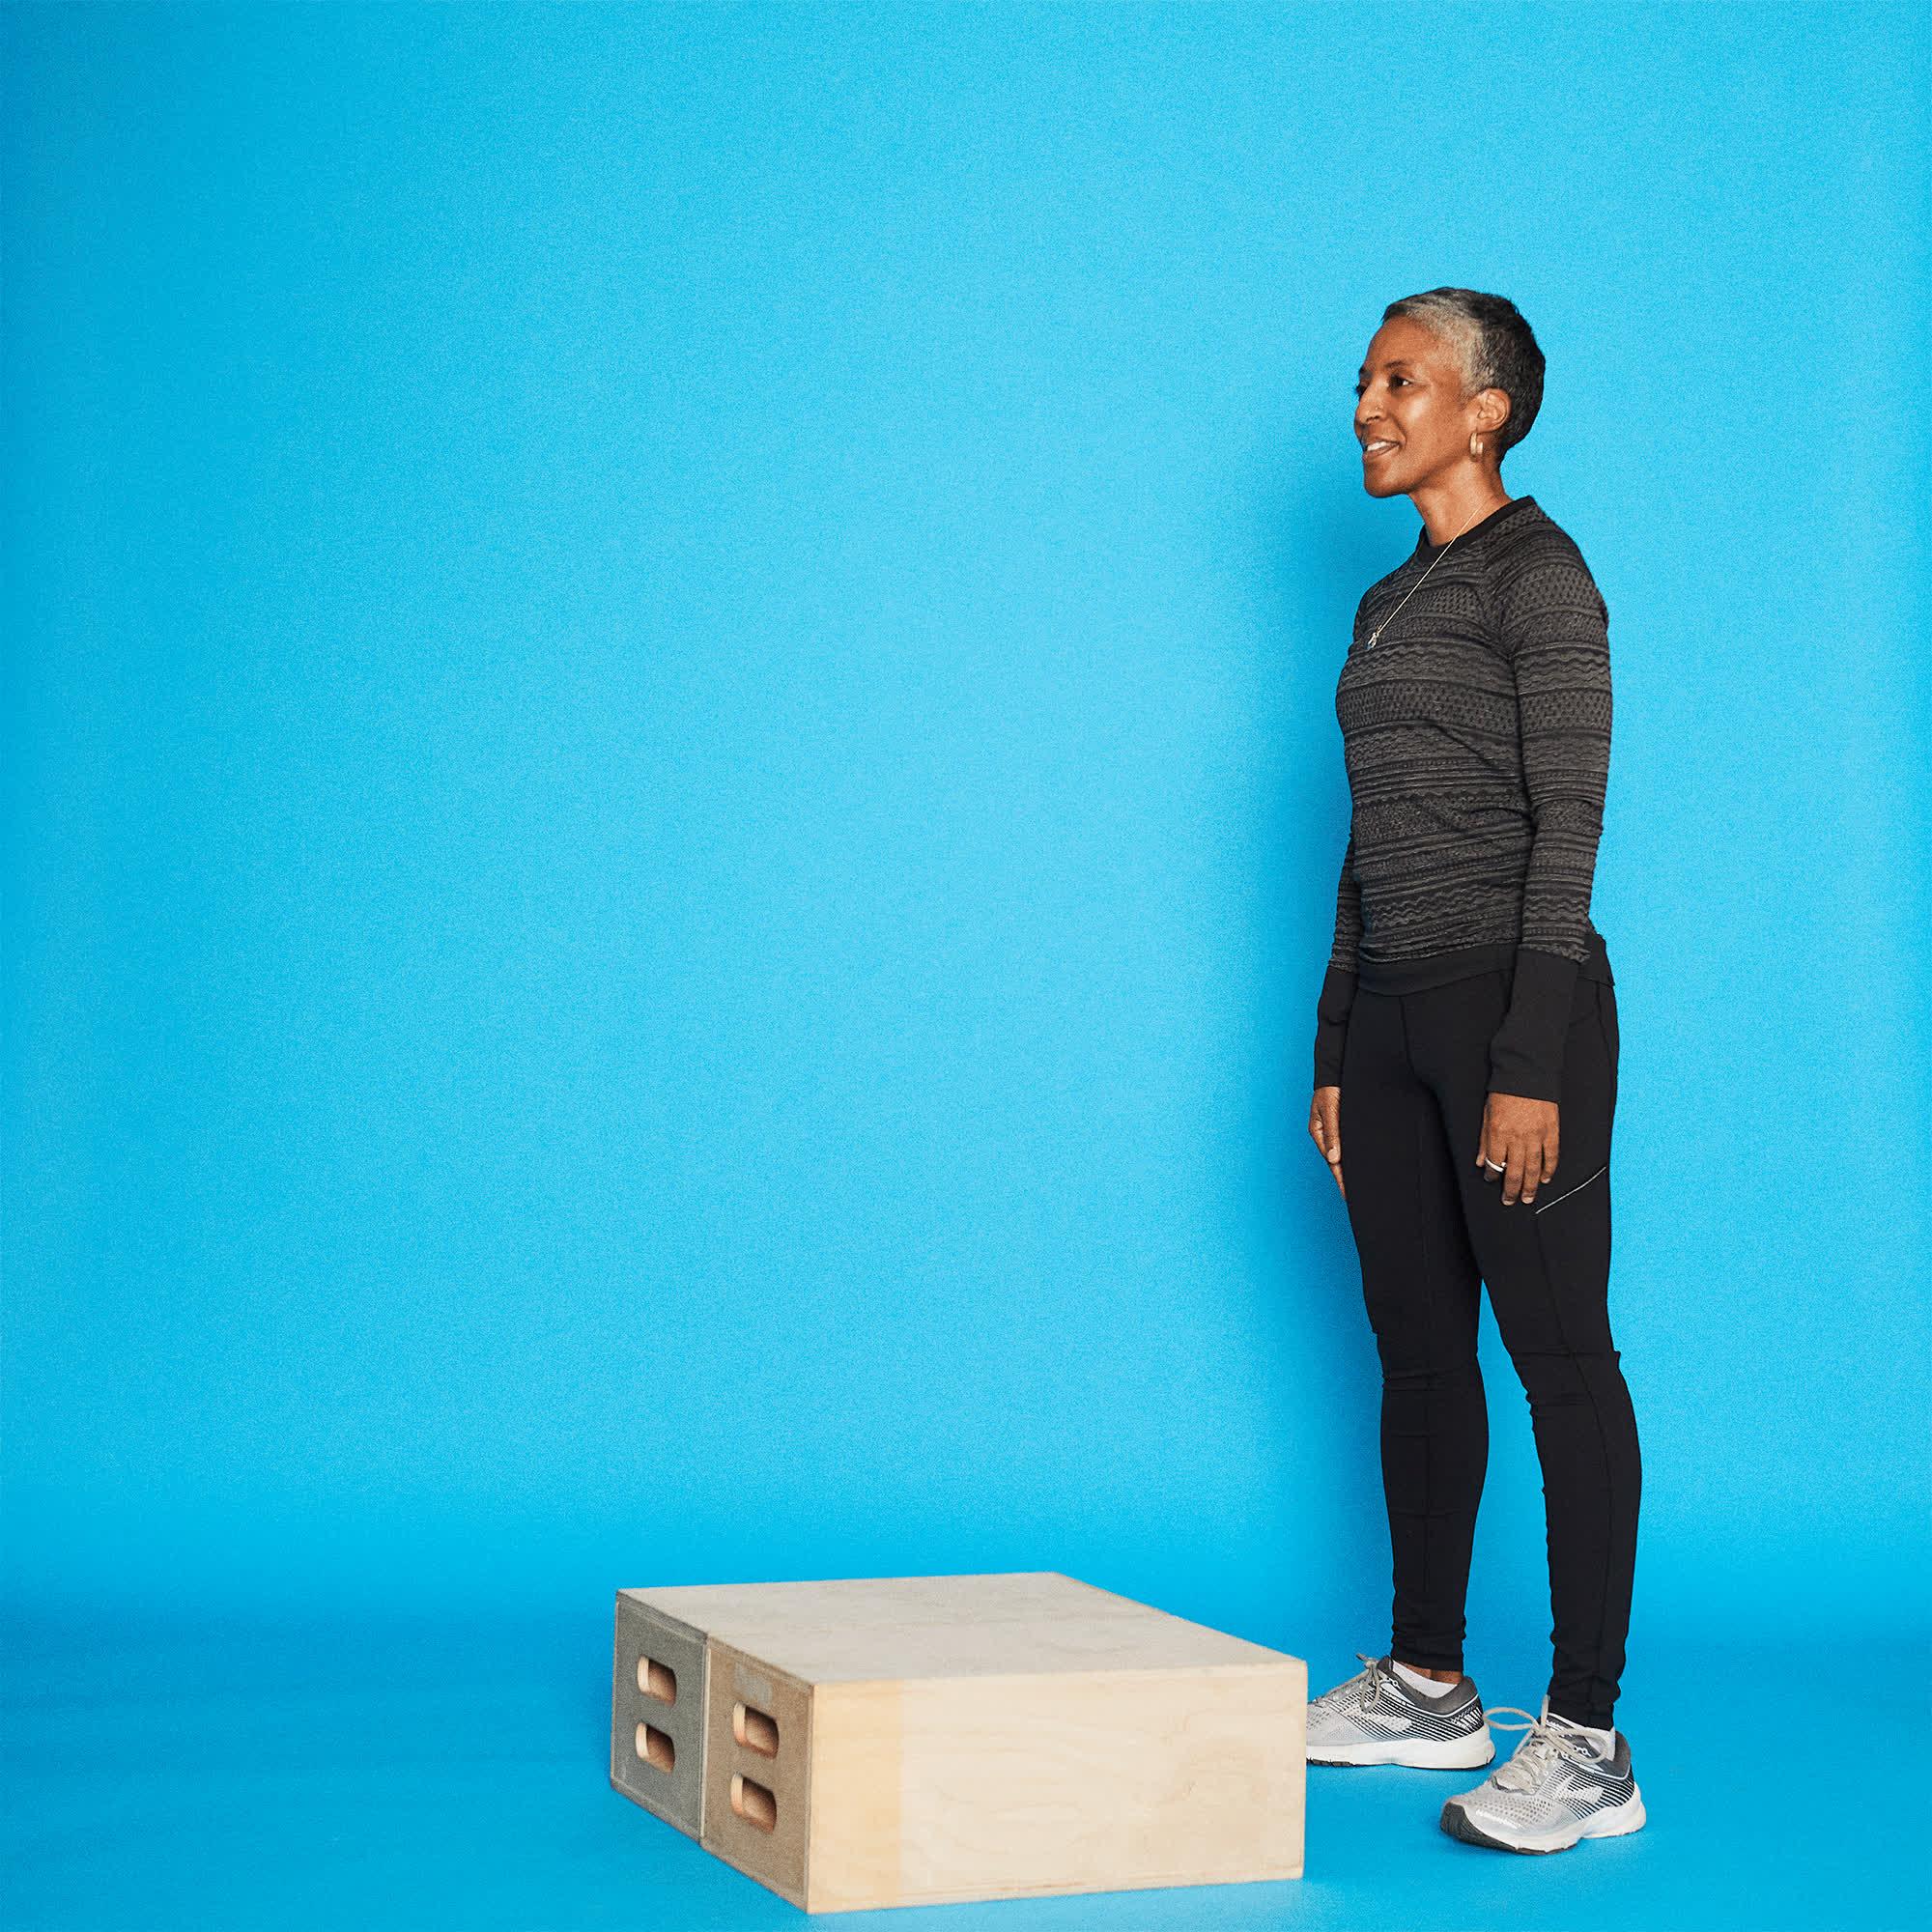 20190215 Healthline 06 BoxJump GIFs